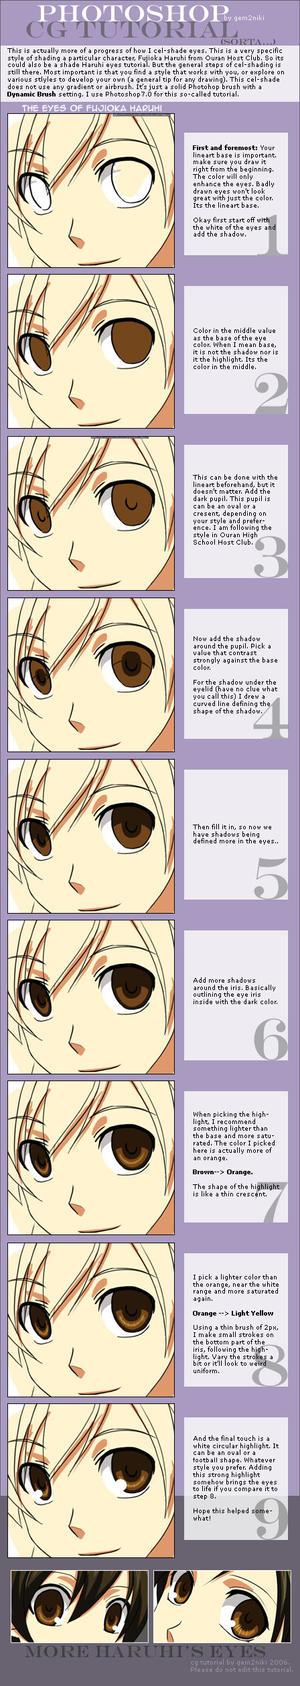 Eyes Cel-shade CG Tutorial